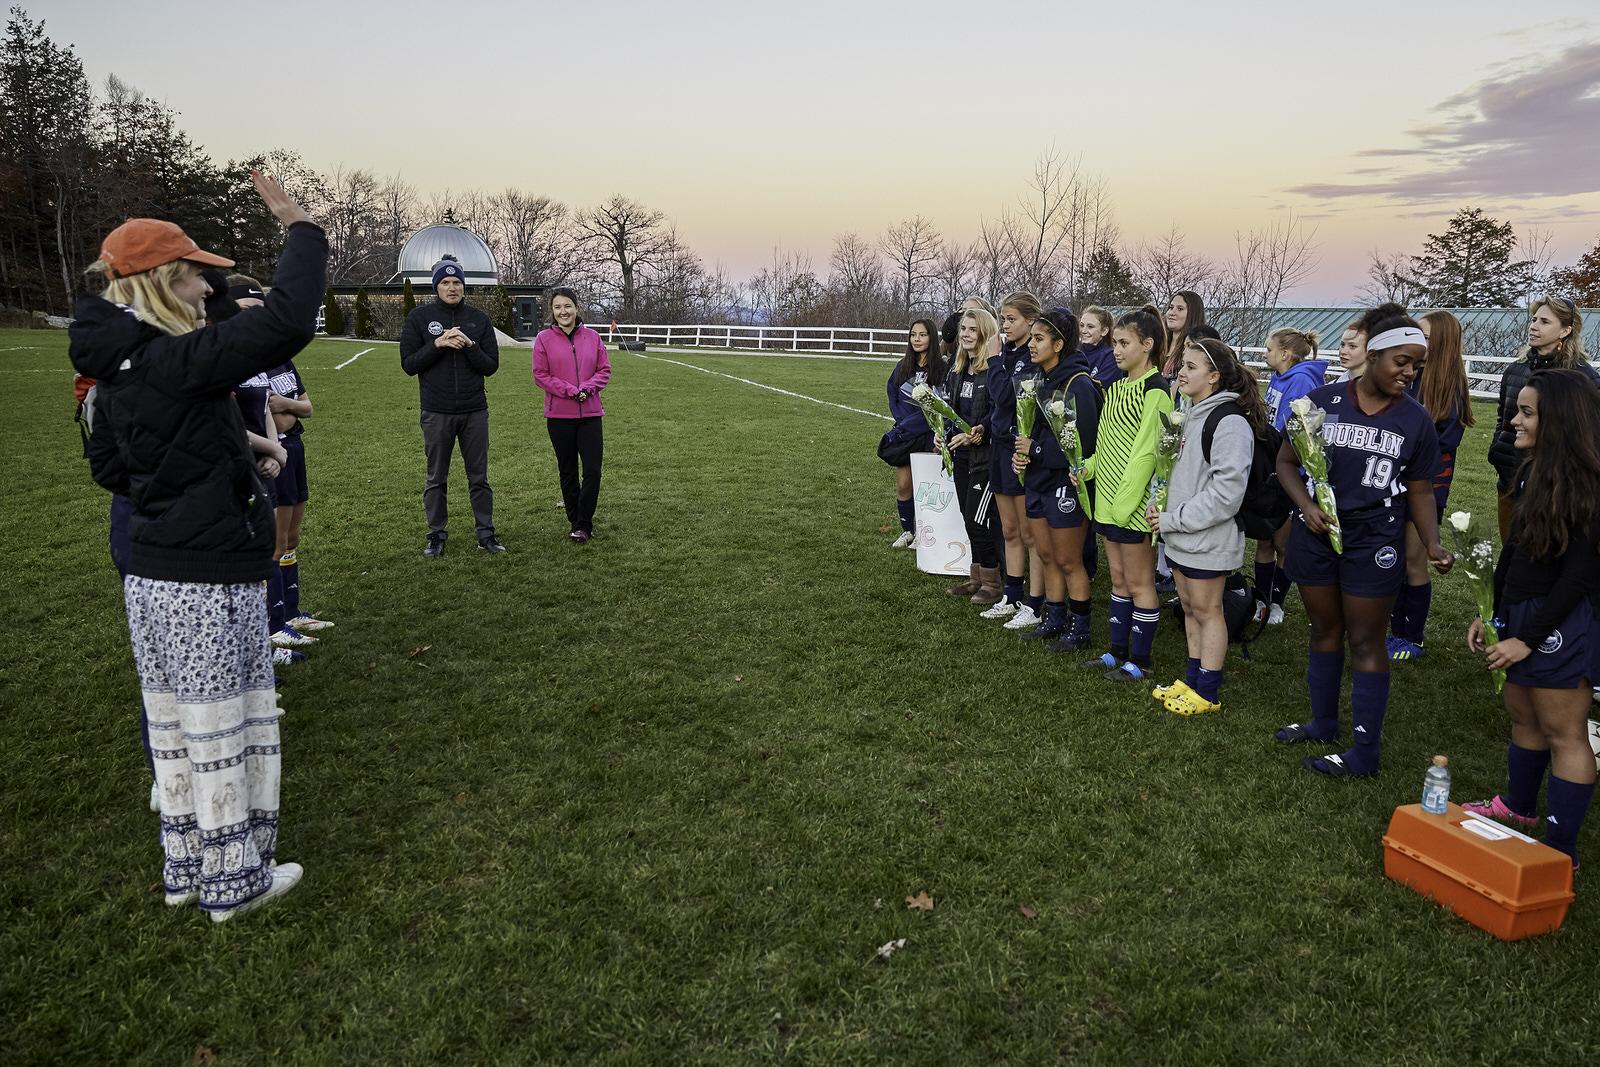 Girls Varsity Soccer vs. White Mountain School - November 7, 2018 - Nov 07 2018 - 0053.jpg